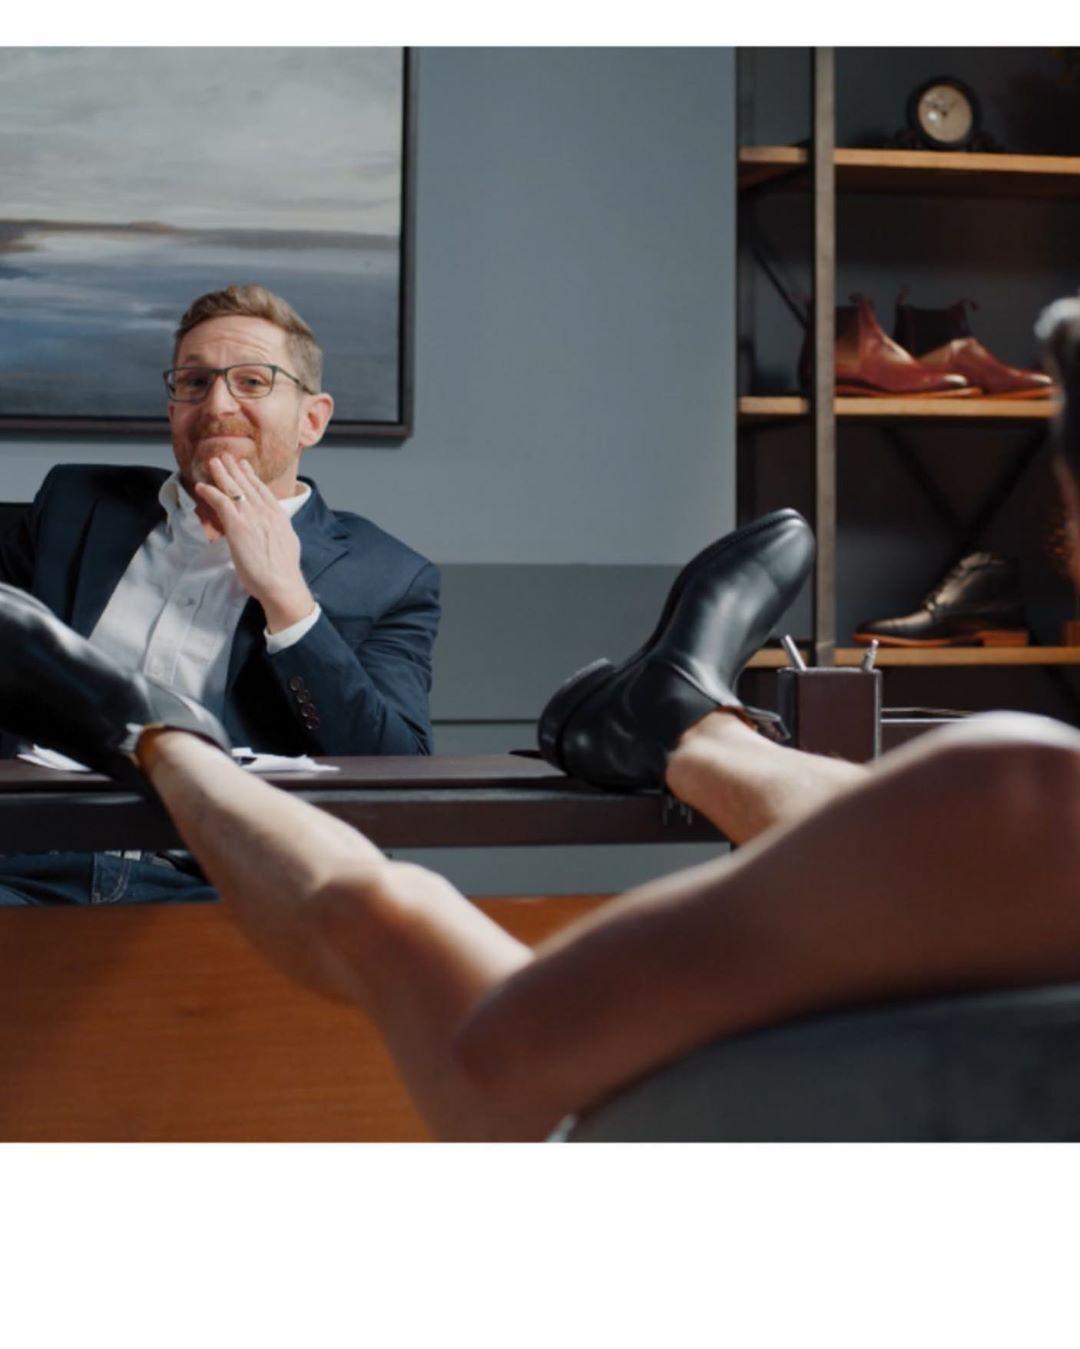 Х'ю Джекман знявся голим рекламі взуття (Instagram Х'ю Джекмана)